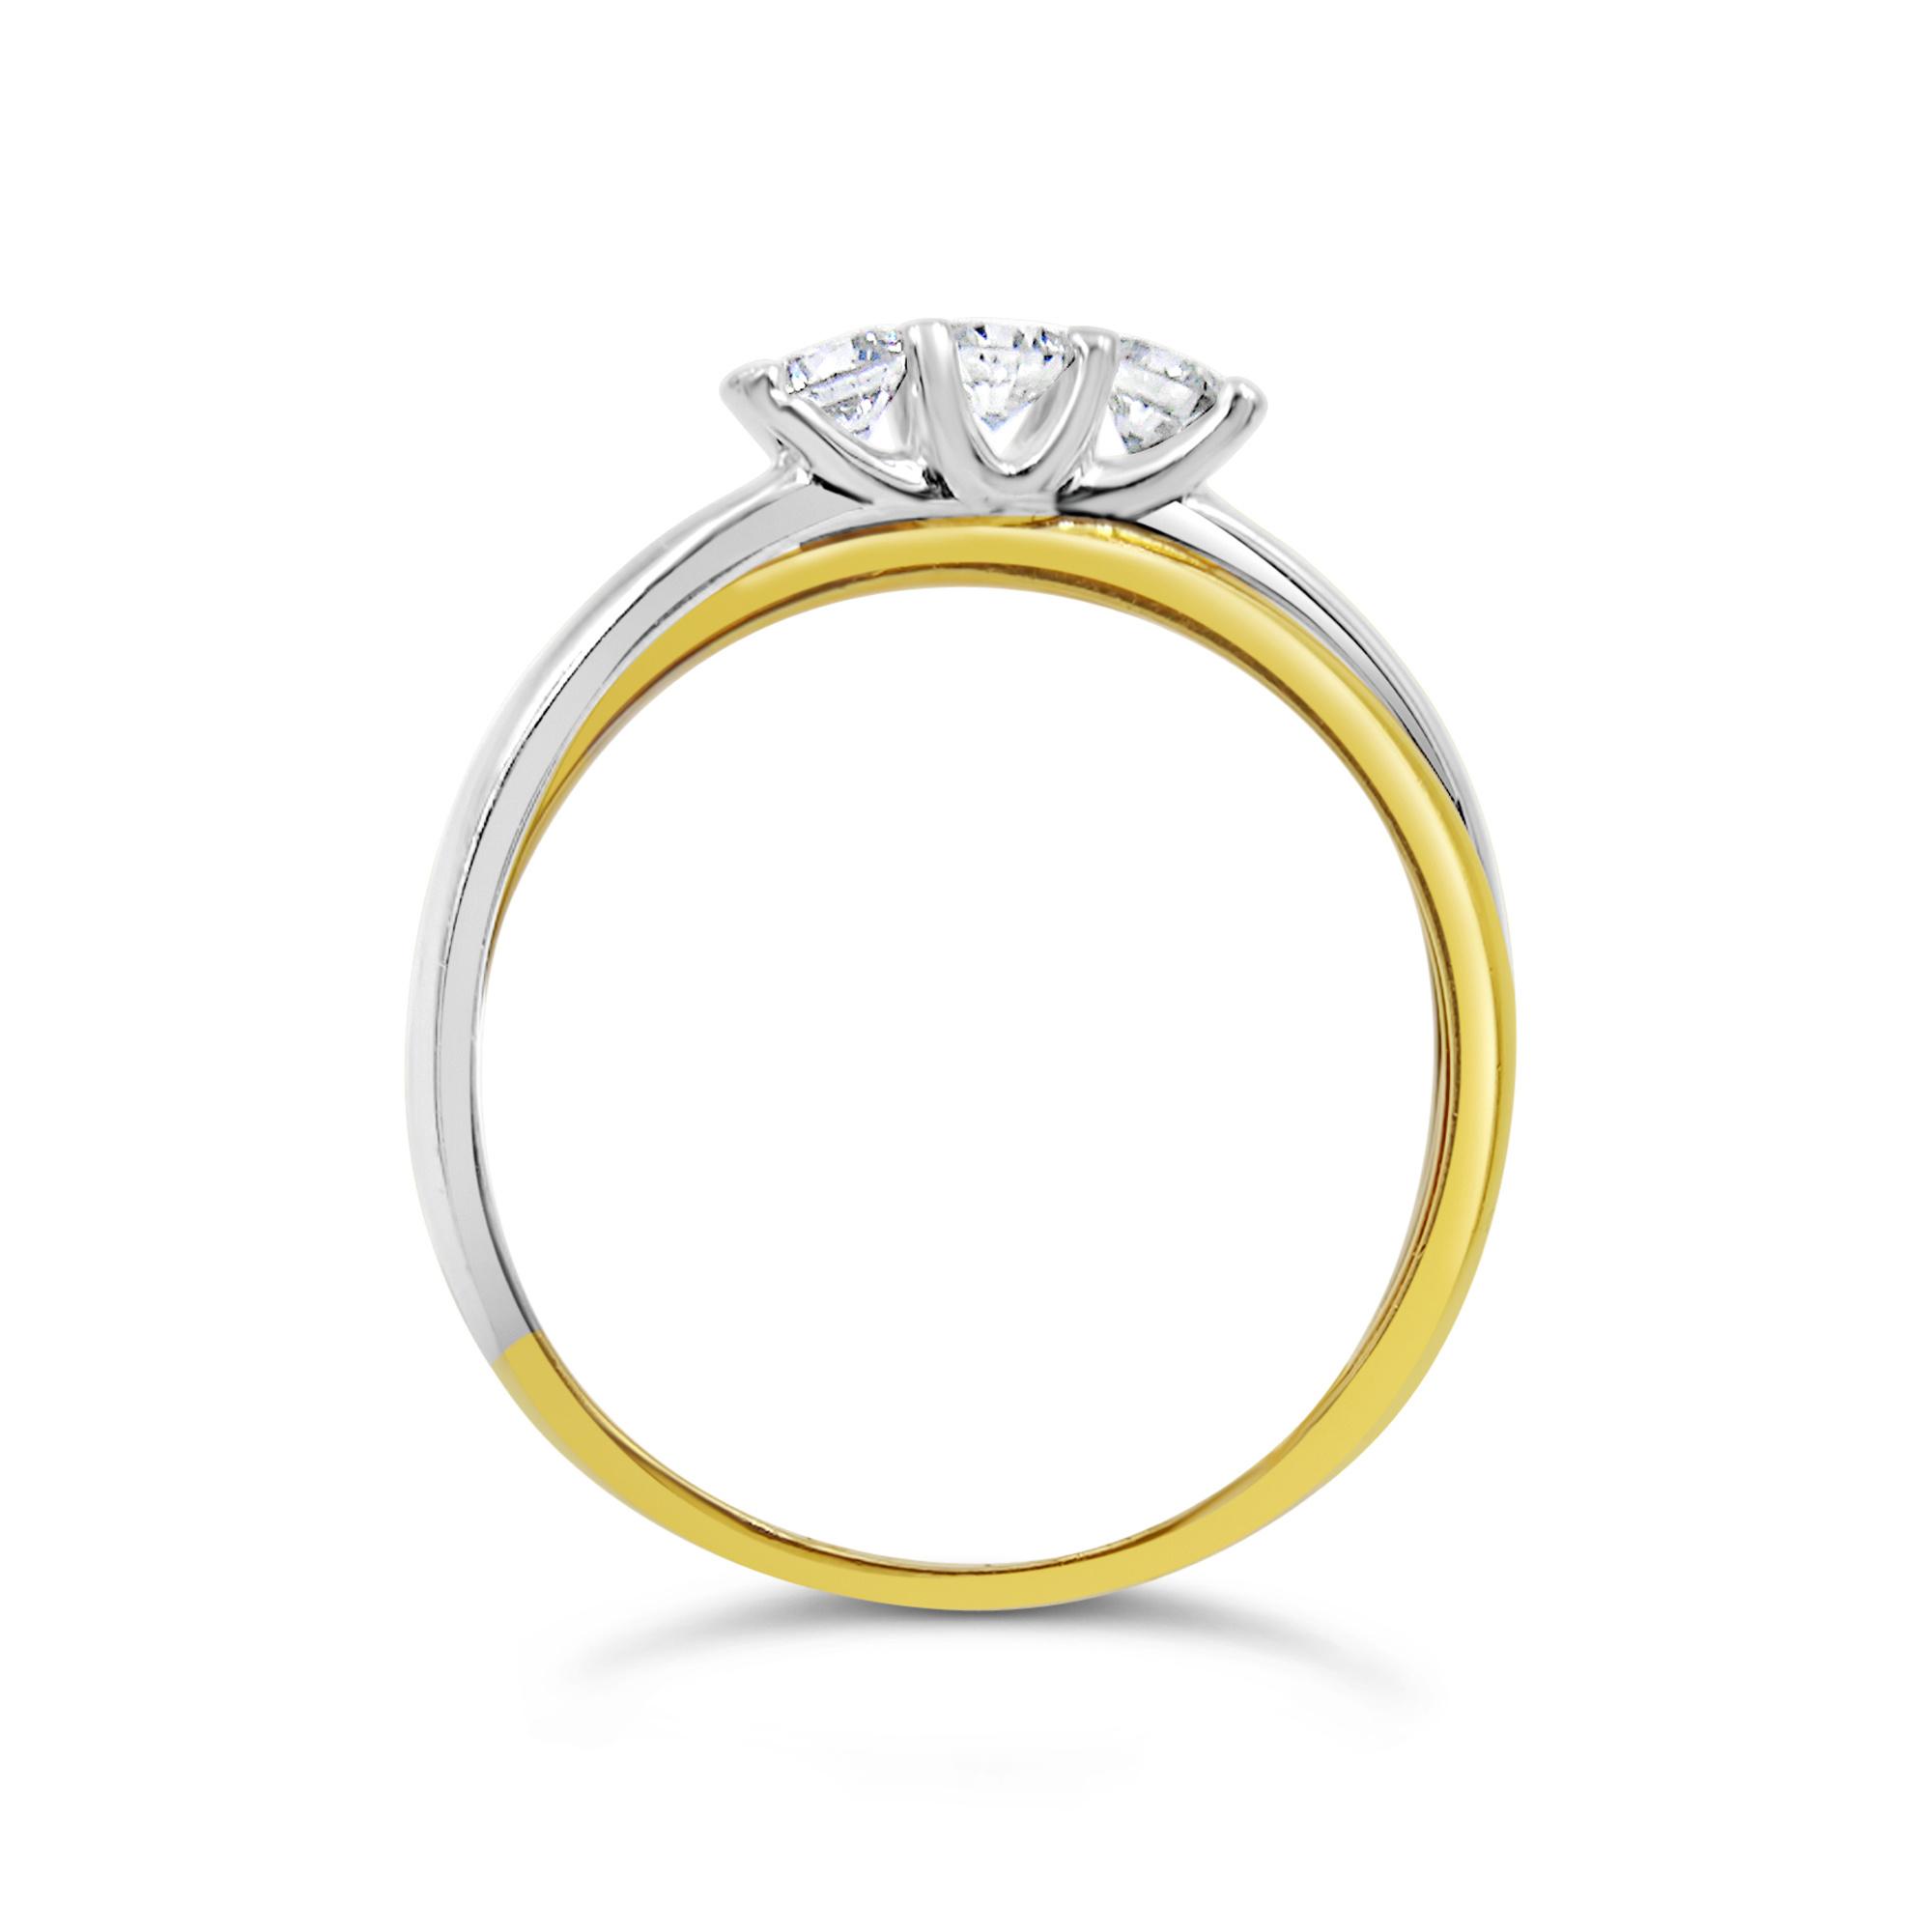 18k geel & wit goud ring met 0.31 ct diamanten